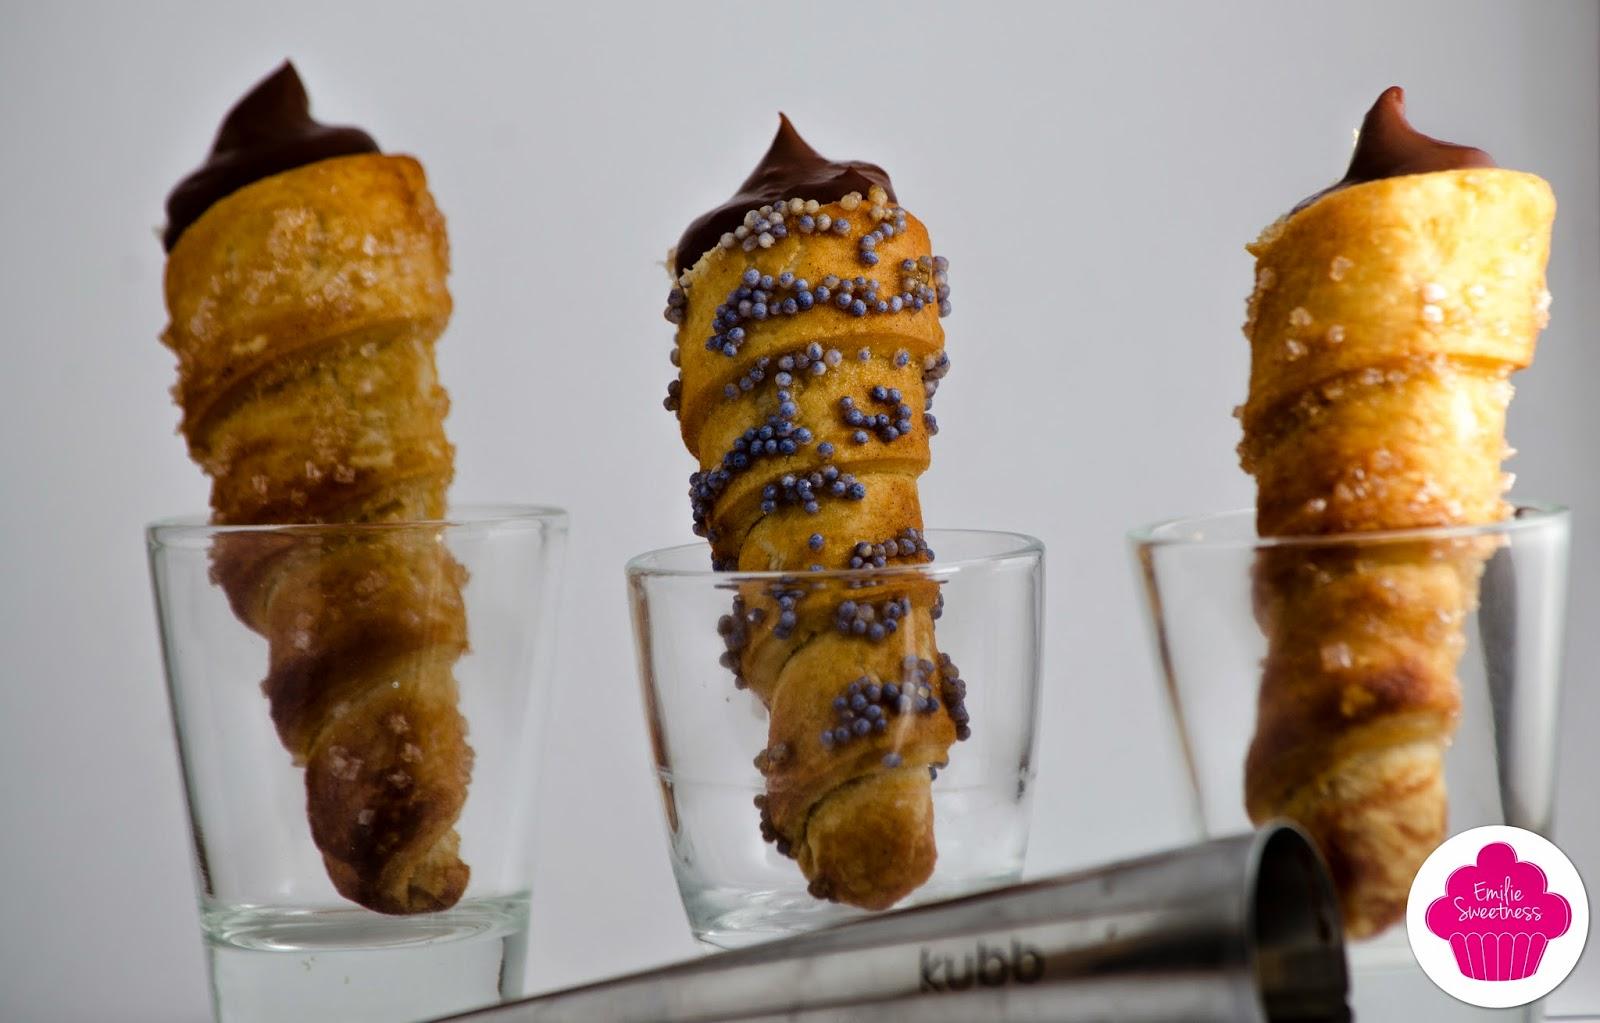 Cornets au chocolat - cornets de pâte feuilletée fourrés à la crème pâtissière au chocolat